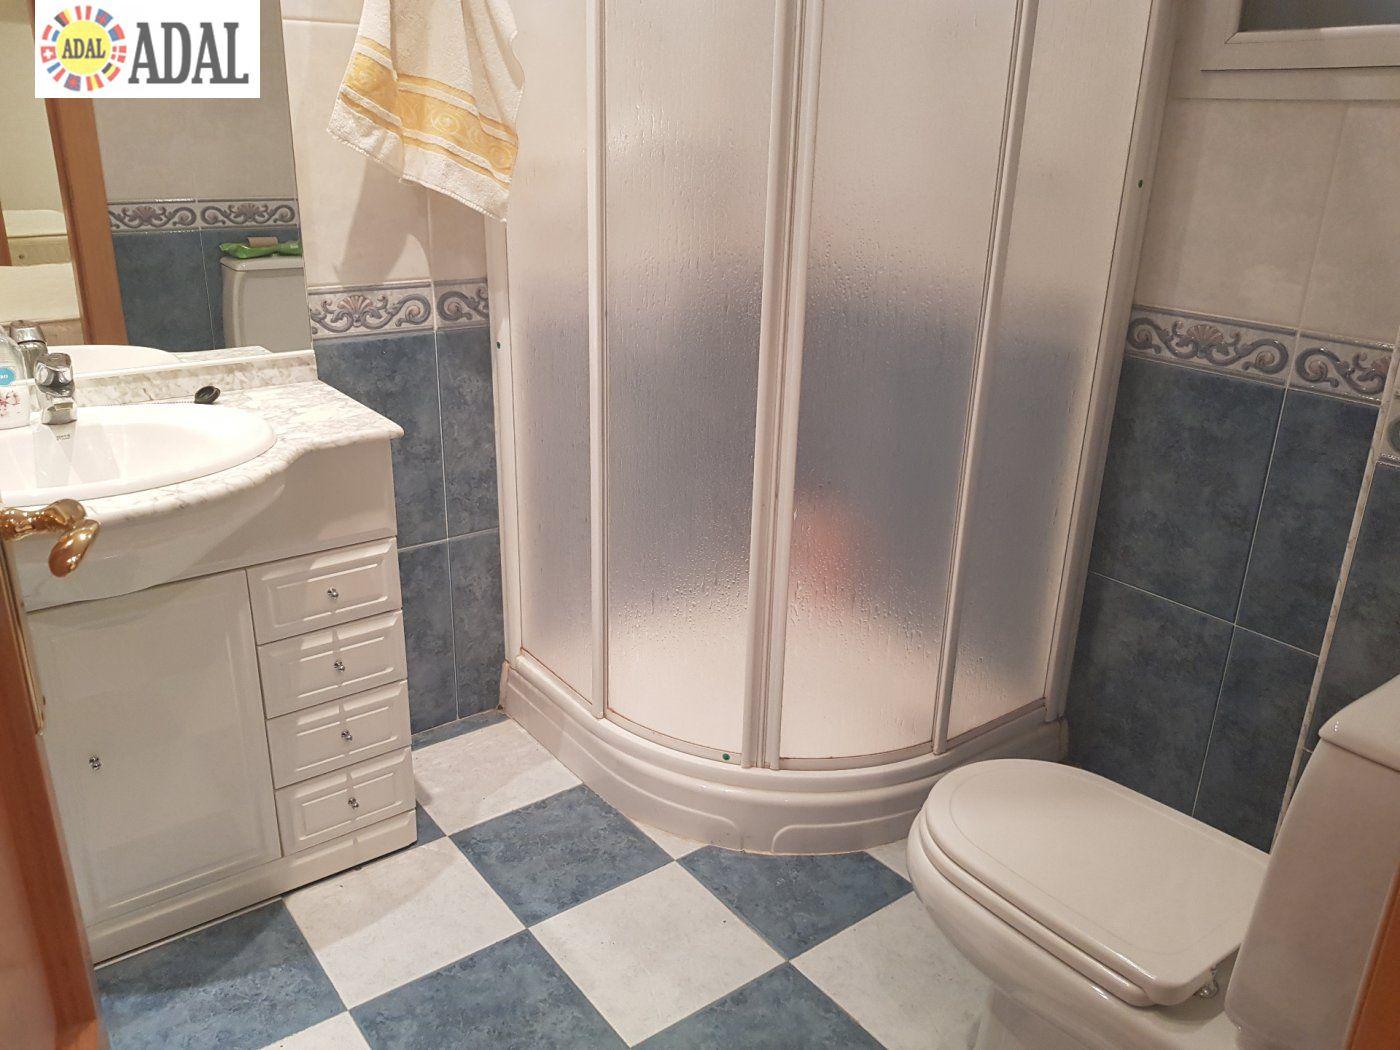 Fotogalería - 8 - ADAL Denia - Inmobiliaria - Apartamentos - Pisos - Chalets en Denia